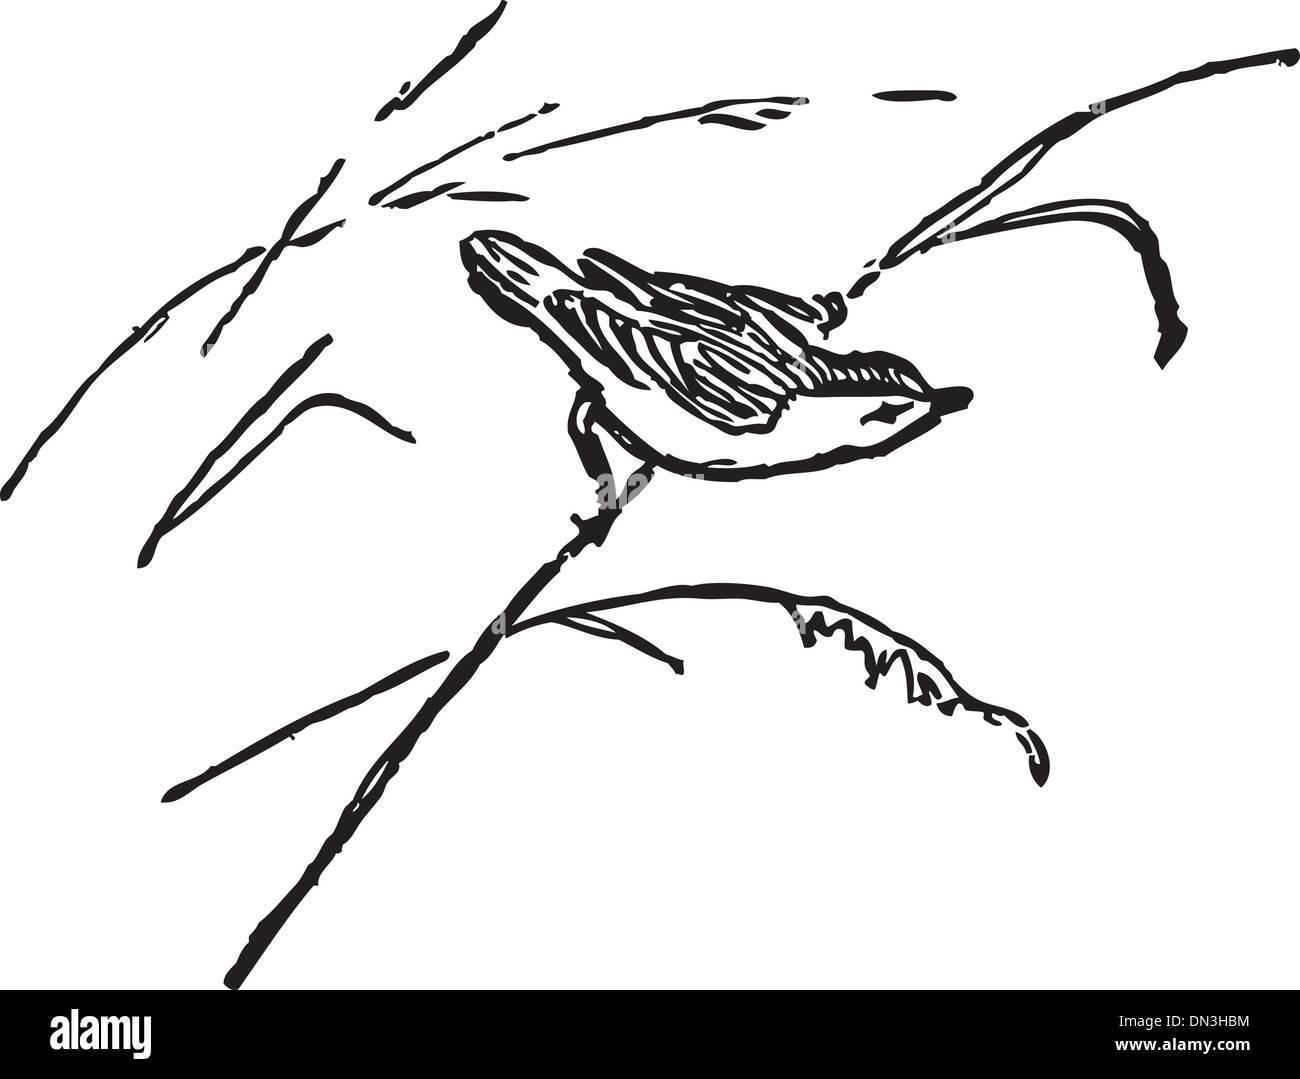 Bird on a cane - Stock Vector